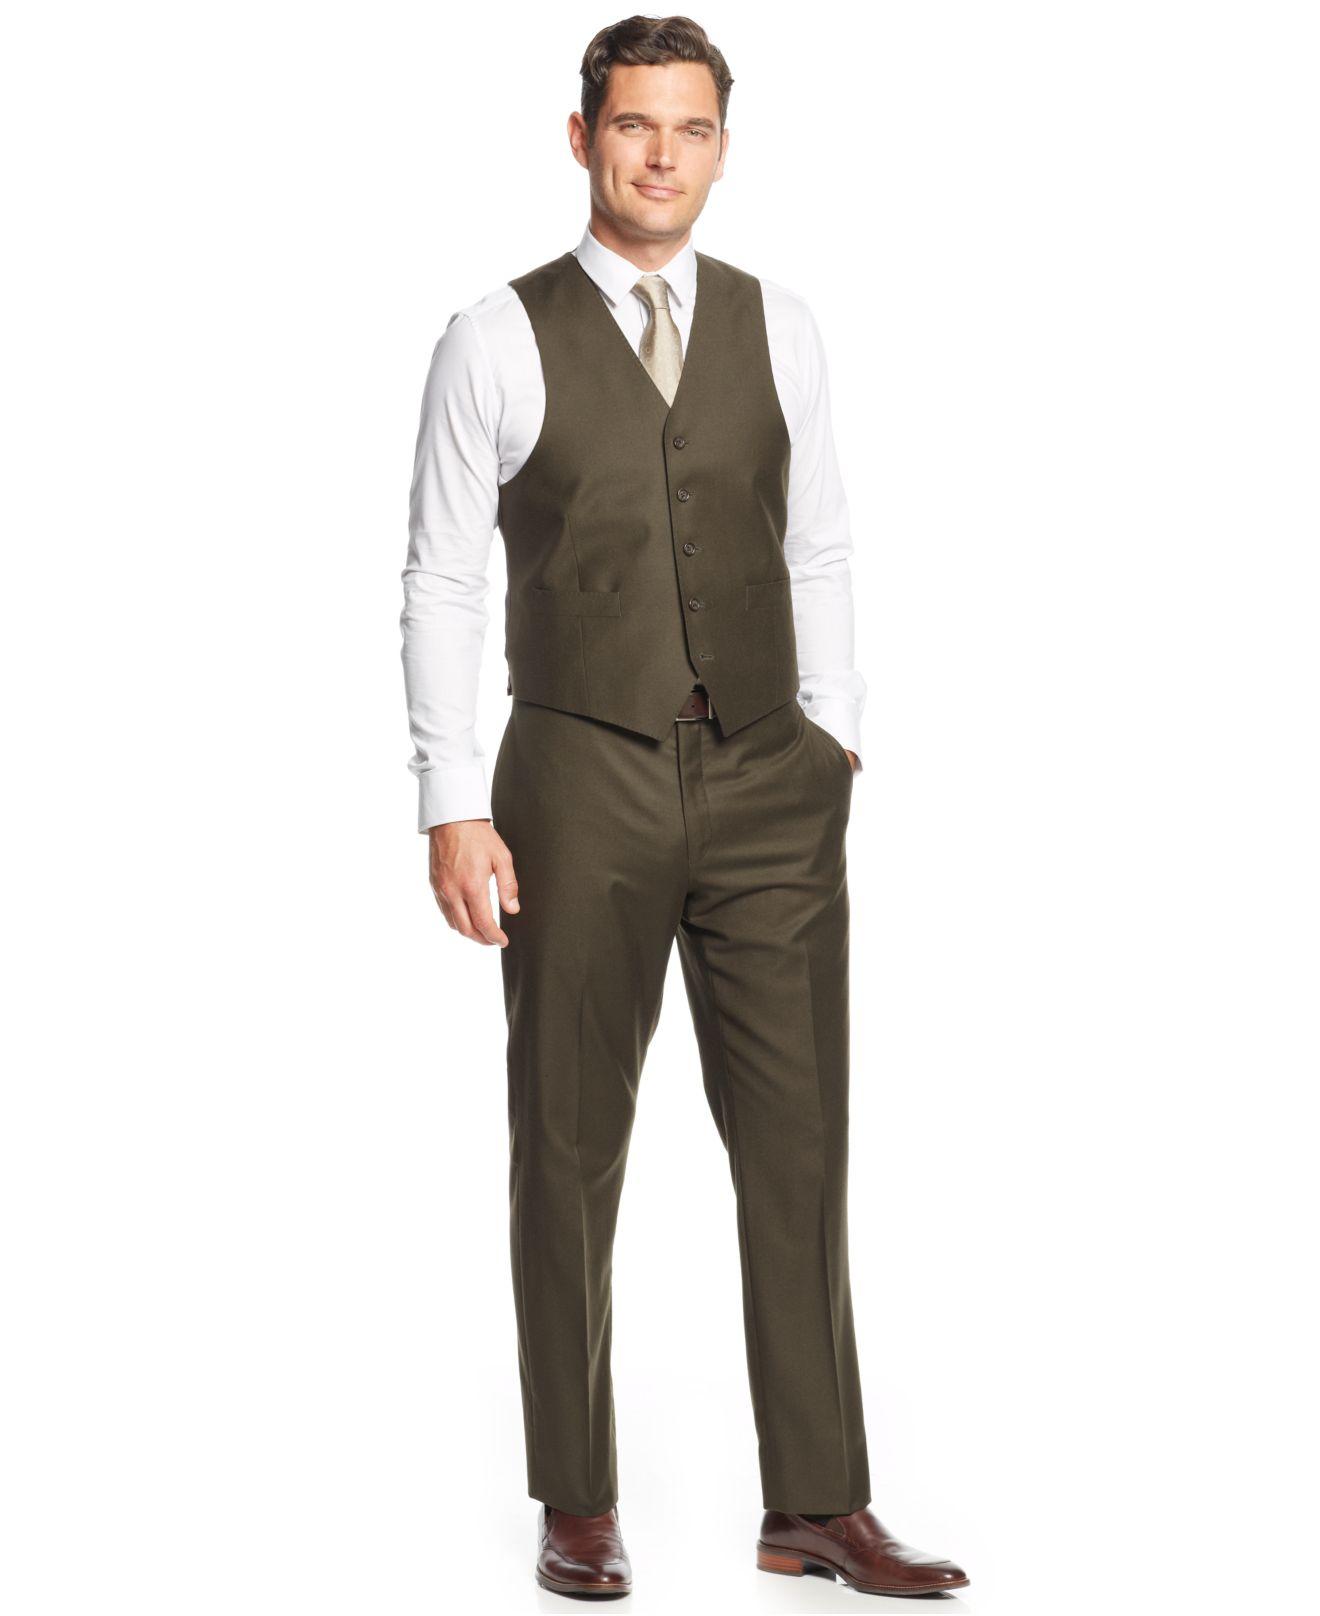 Lauren ralph lauren Olive Solid Flannel Vested Slim-Fit Suit in